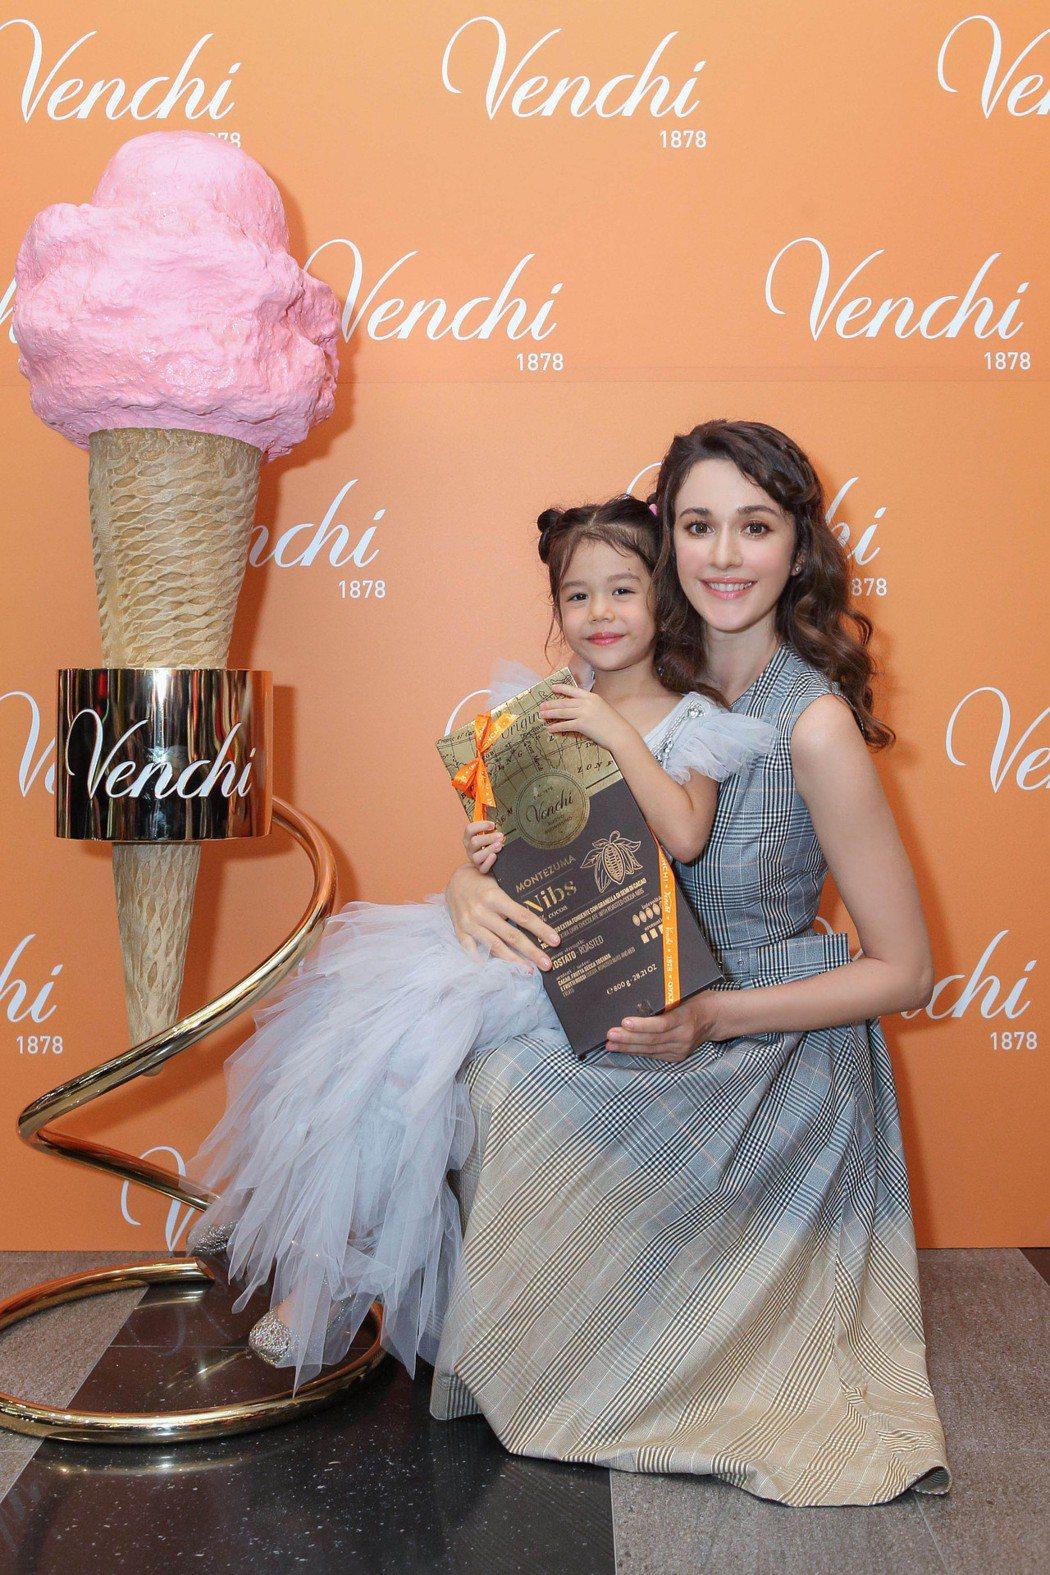 瑞莎帶女兒Nika出席巧克力品牌活動。圖/Venchi提供